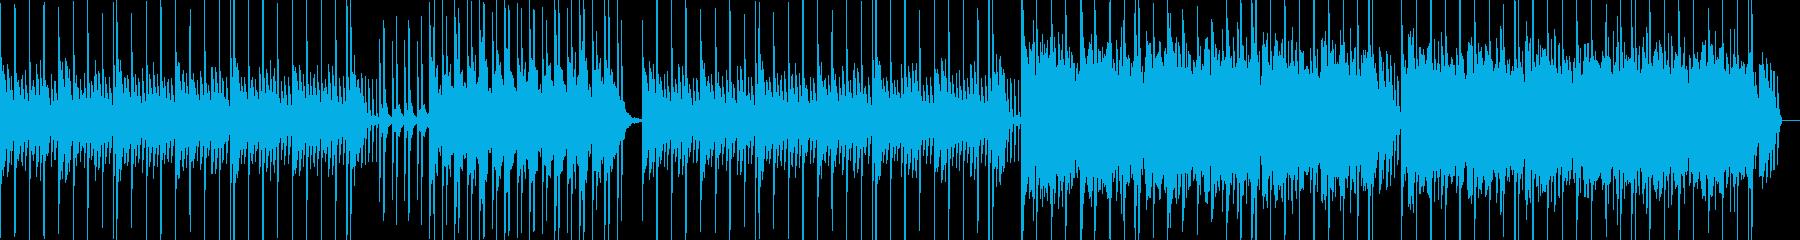 孤独をイメージした曲ですの再生済みの波形